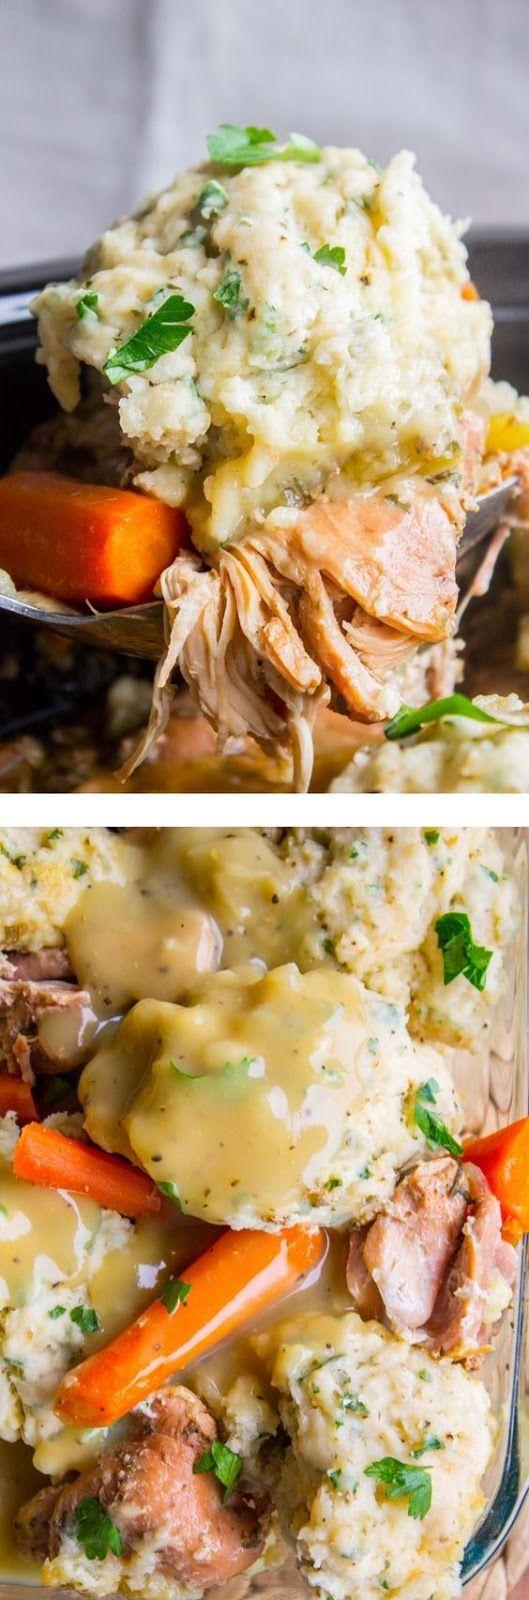 Grandma Georgia's Slow Cooker Chicken and Dumplings #chickendumplingscrockpot